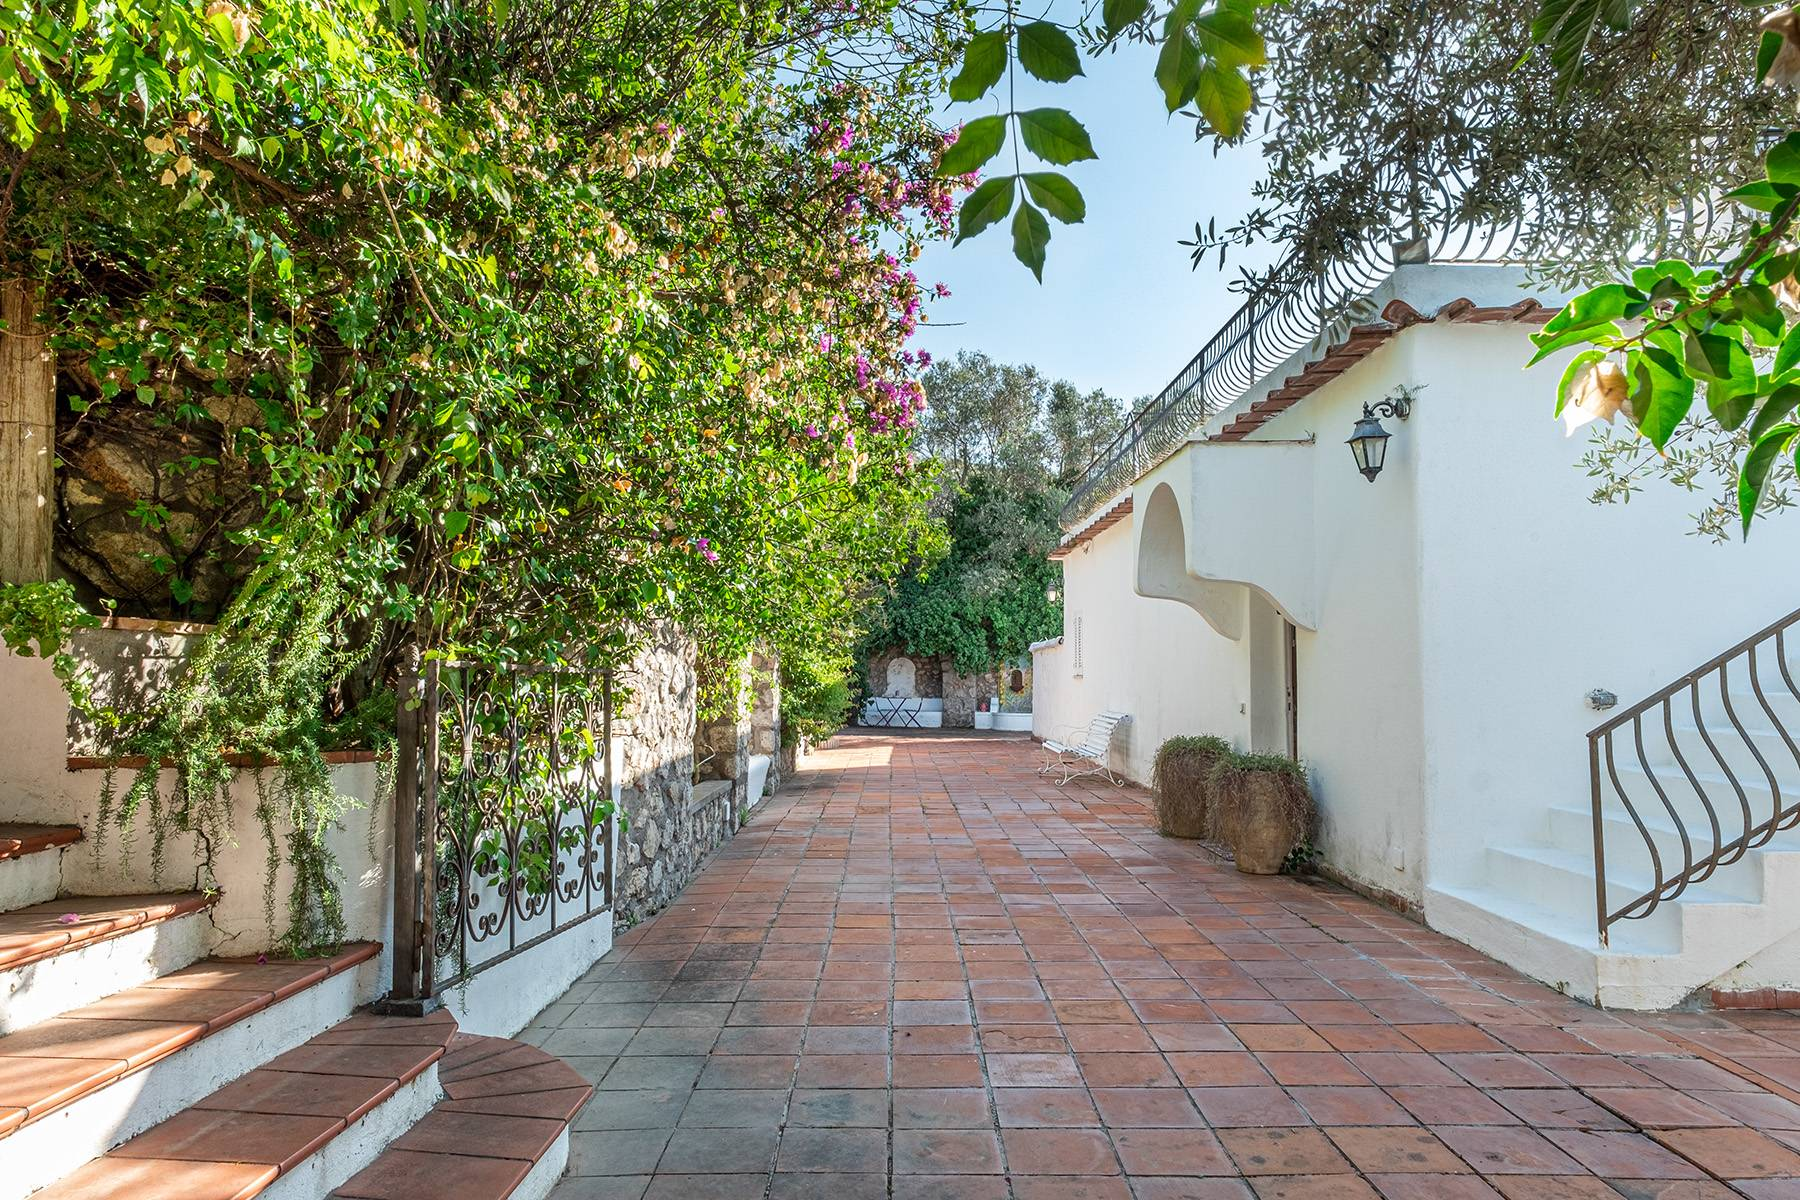 Villa in Vendita a Capri: 5 locali, 200 mq - Foto 19